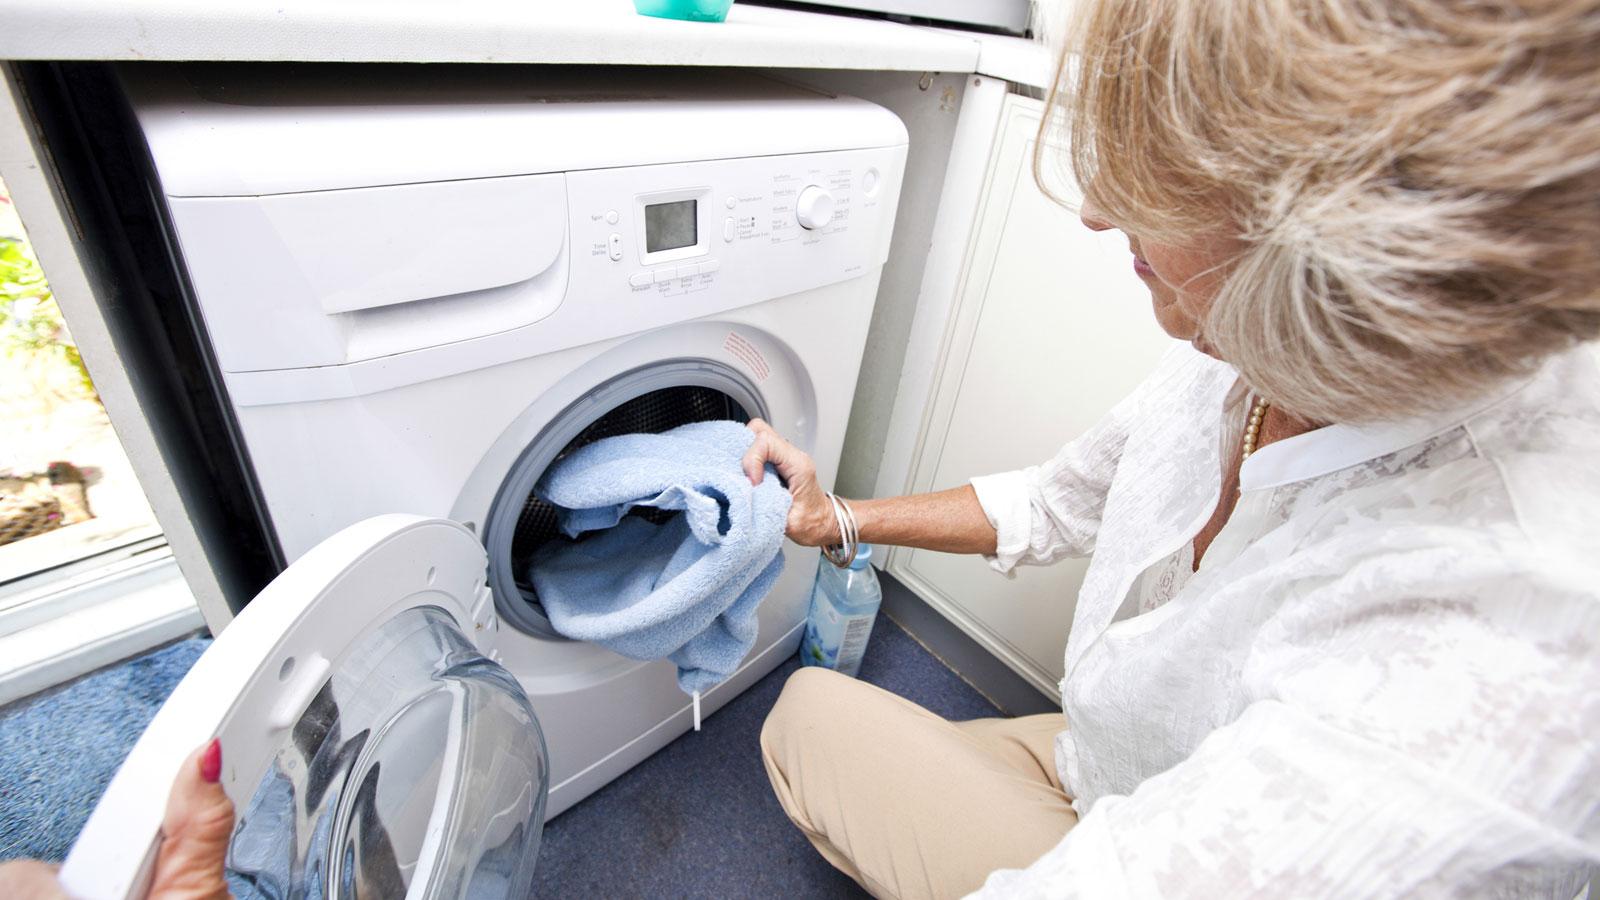 Spülmaschine riecht nach verbranntem gummi